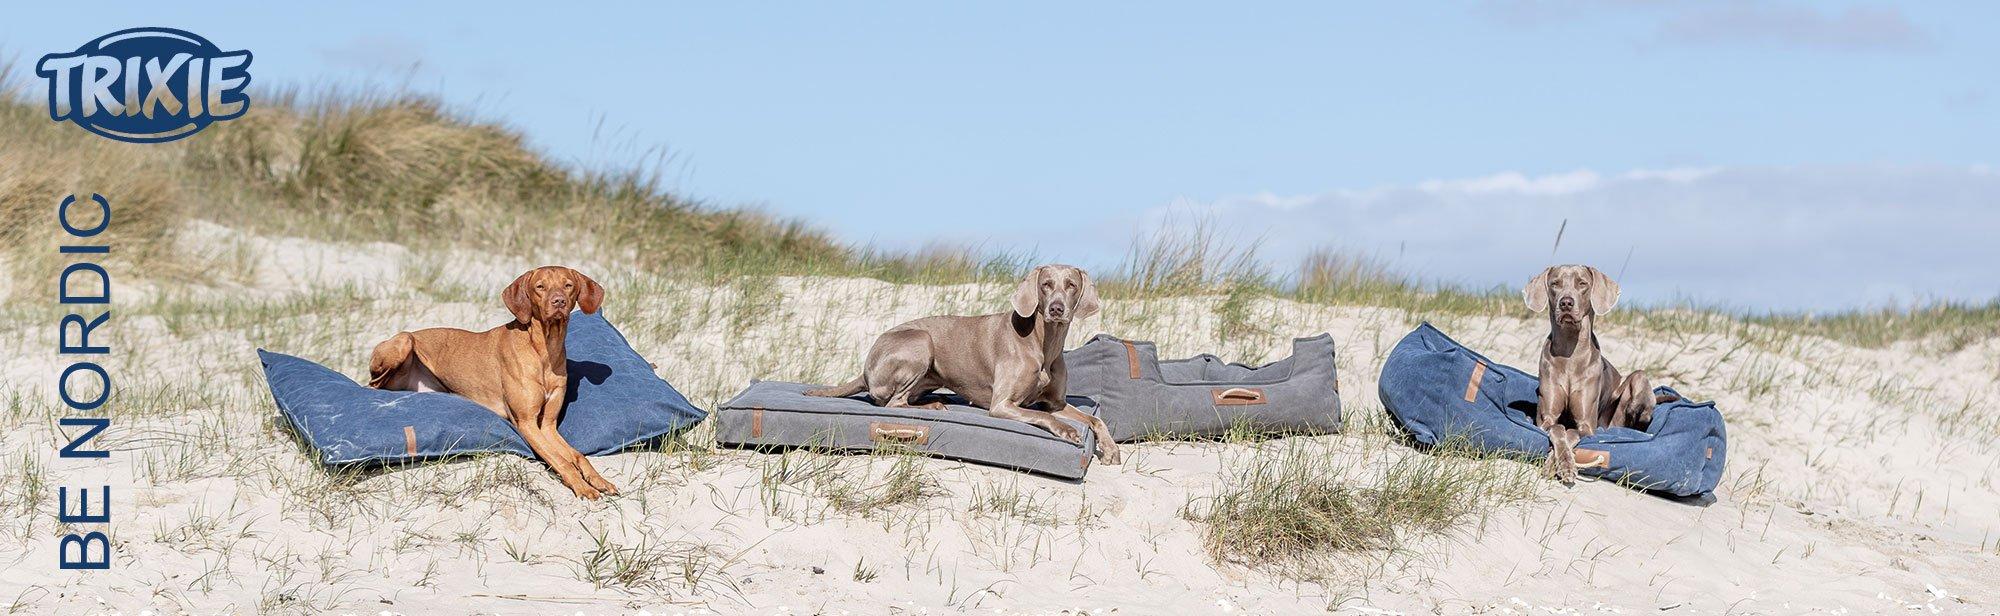 TRIXIE BE NORDIC - Hundezubehör Serie mit maritimen Flair!, Bild 3